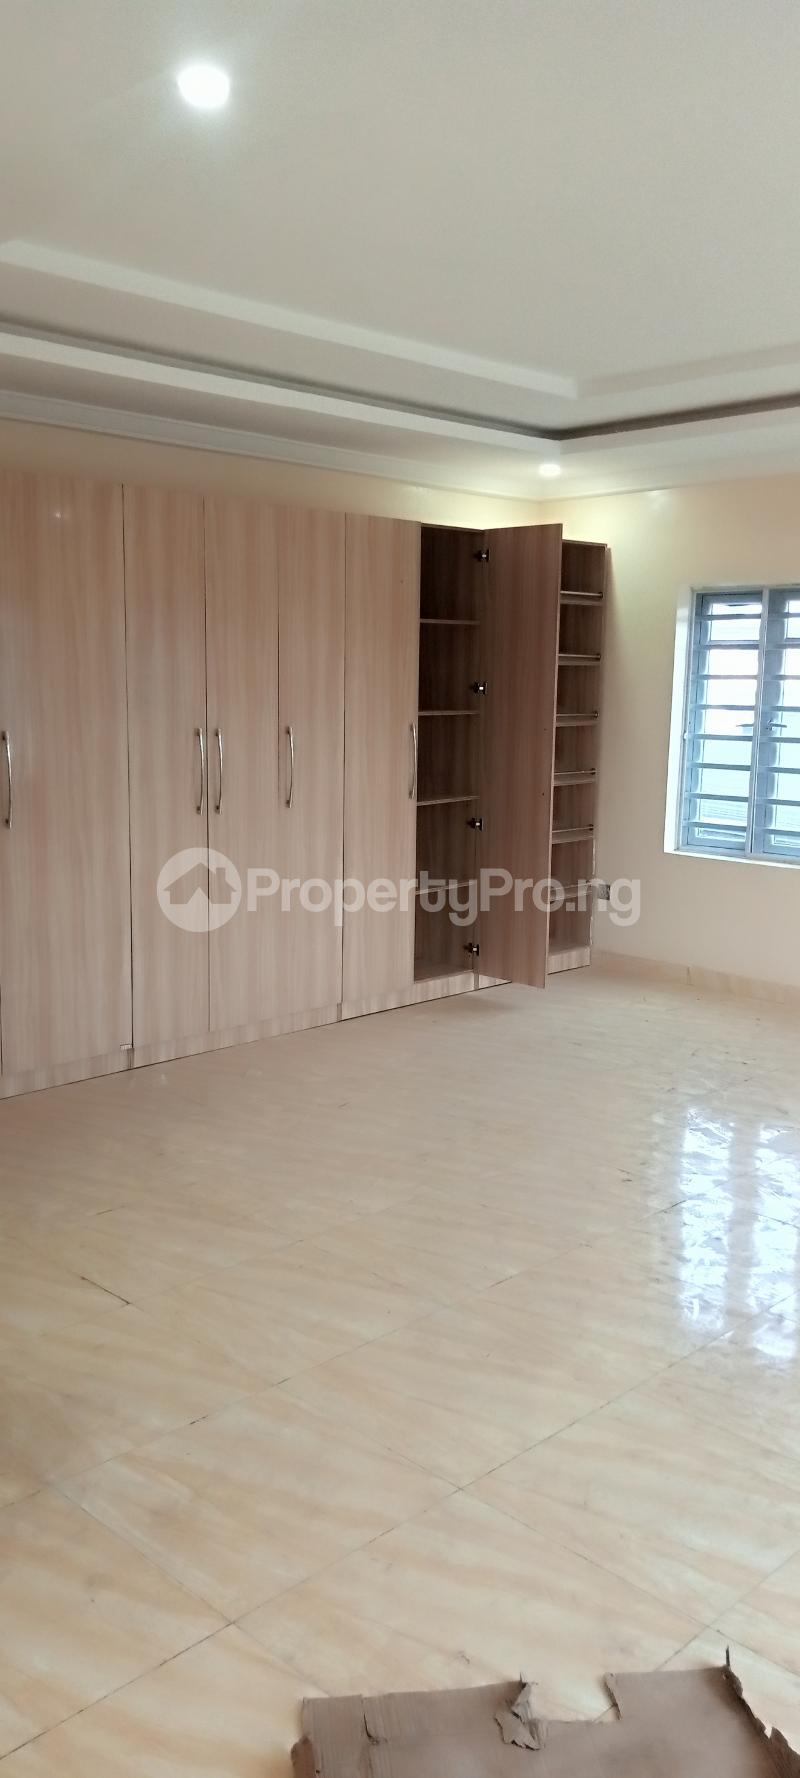 4 bedroom Semi Detached Duplex House for rent Jones Avenue Adeniyi Jones Ikeja Lagos - 7